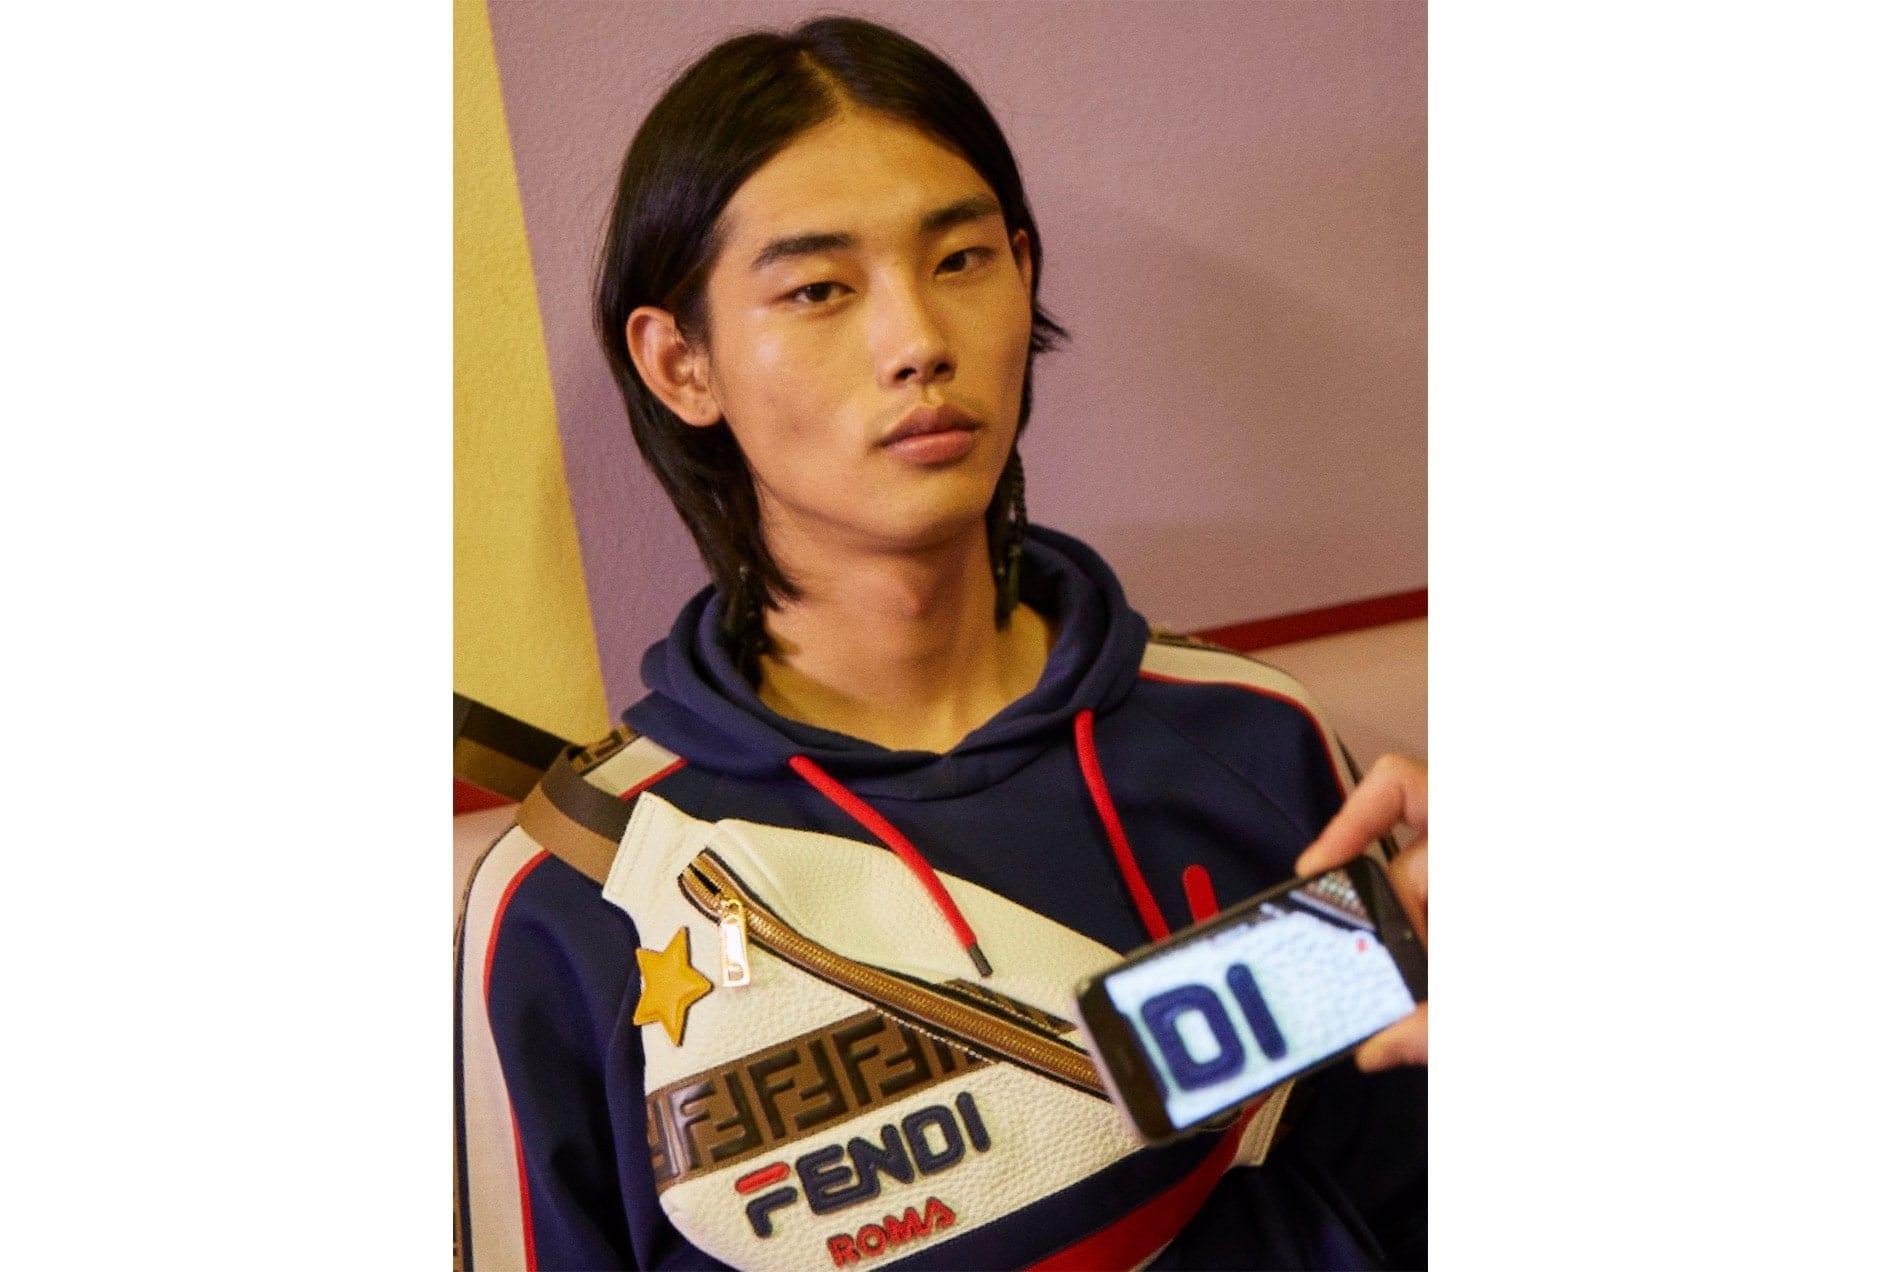 FENDI-7-min